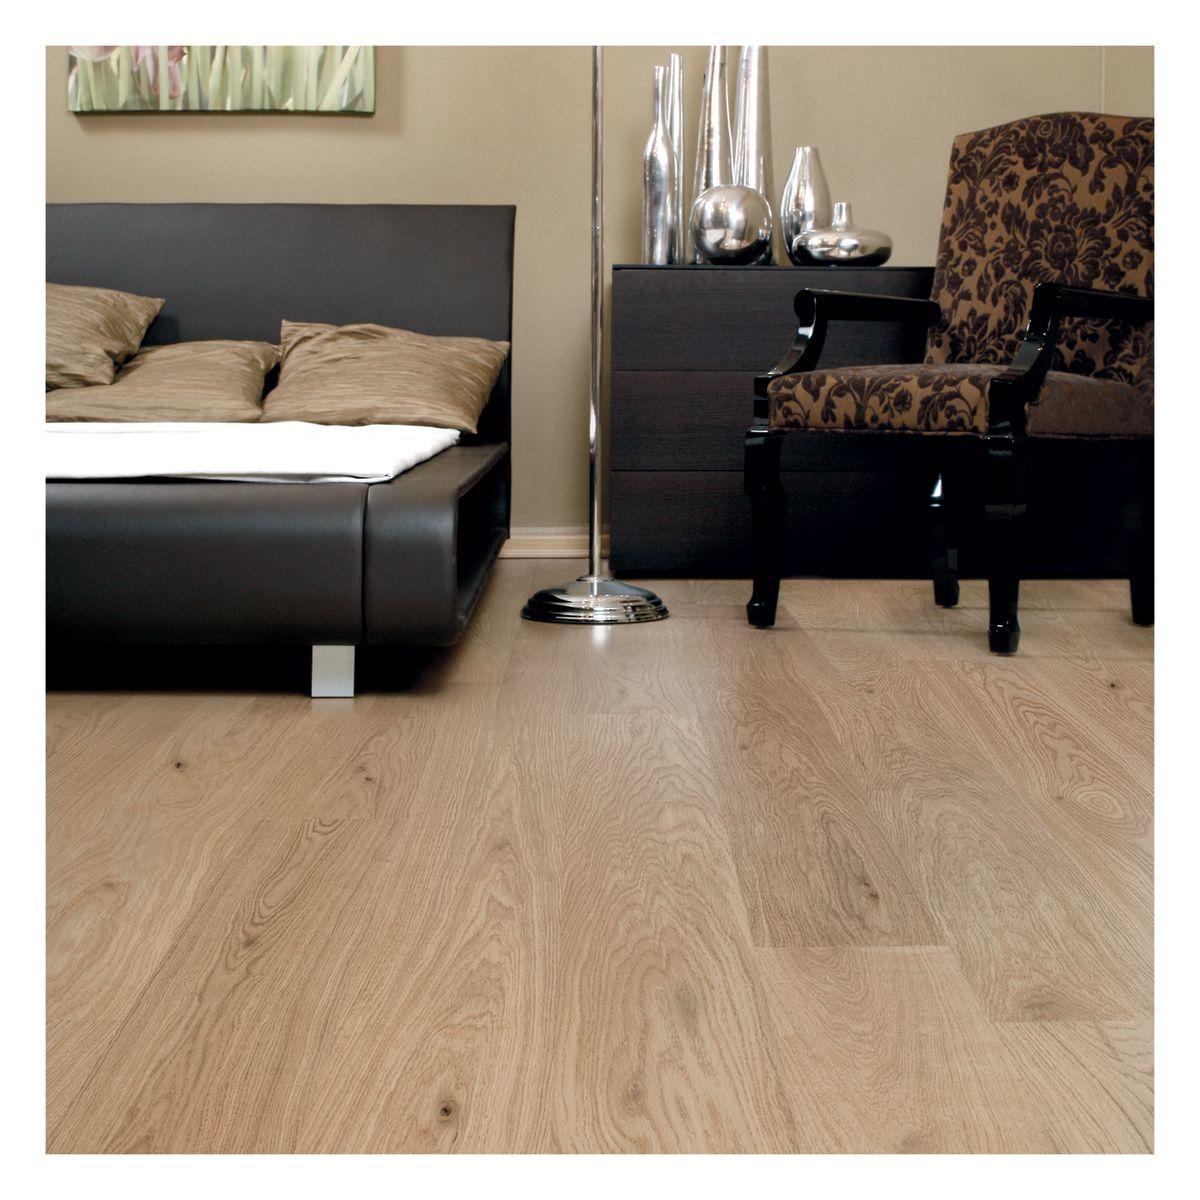 Simple pavimenti e supportato prefinito rovere class miele - Bagno in un metro quadro ...